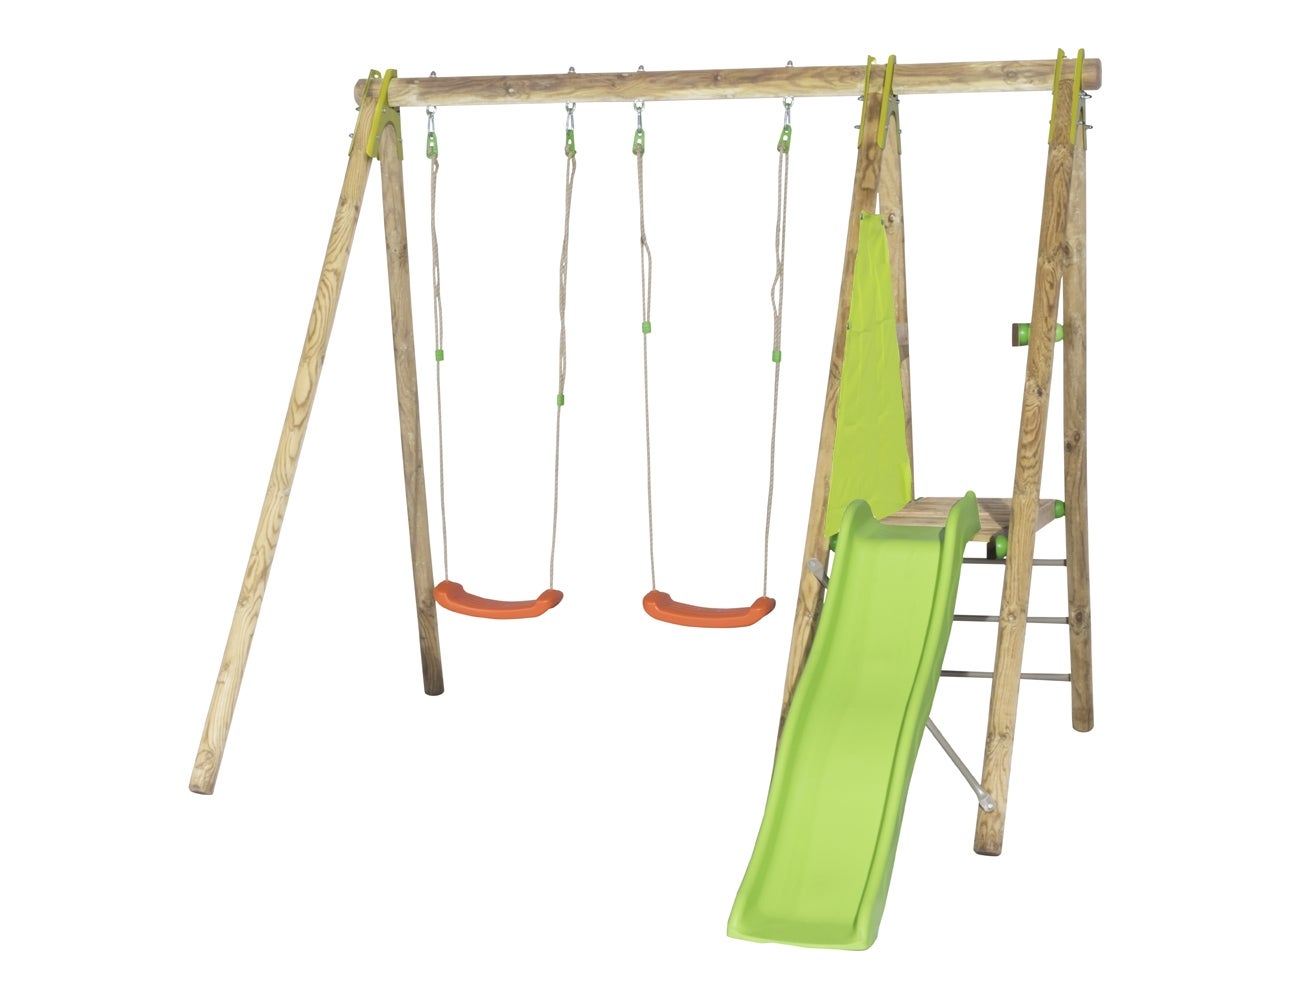 Portique, Balançoire Et Aire De Jeux Pour Enfants | Leroy Merlin pour Tyrolienne Jardin Leroy Merlin